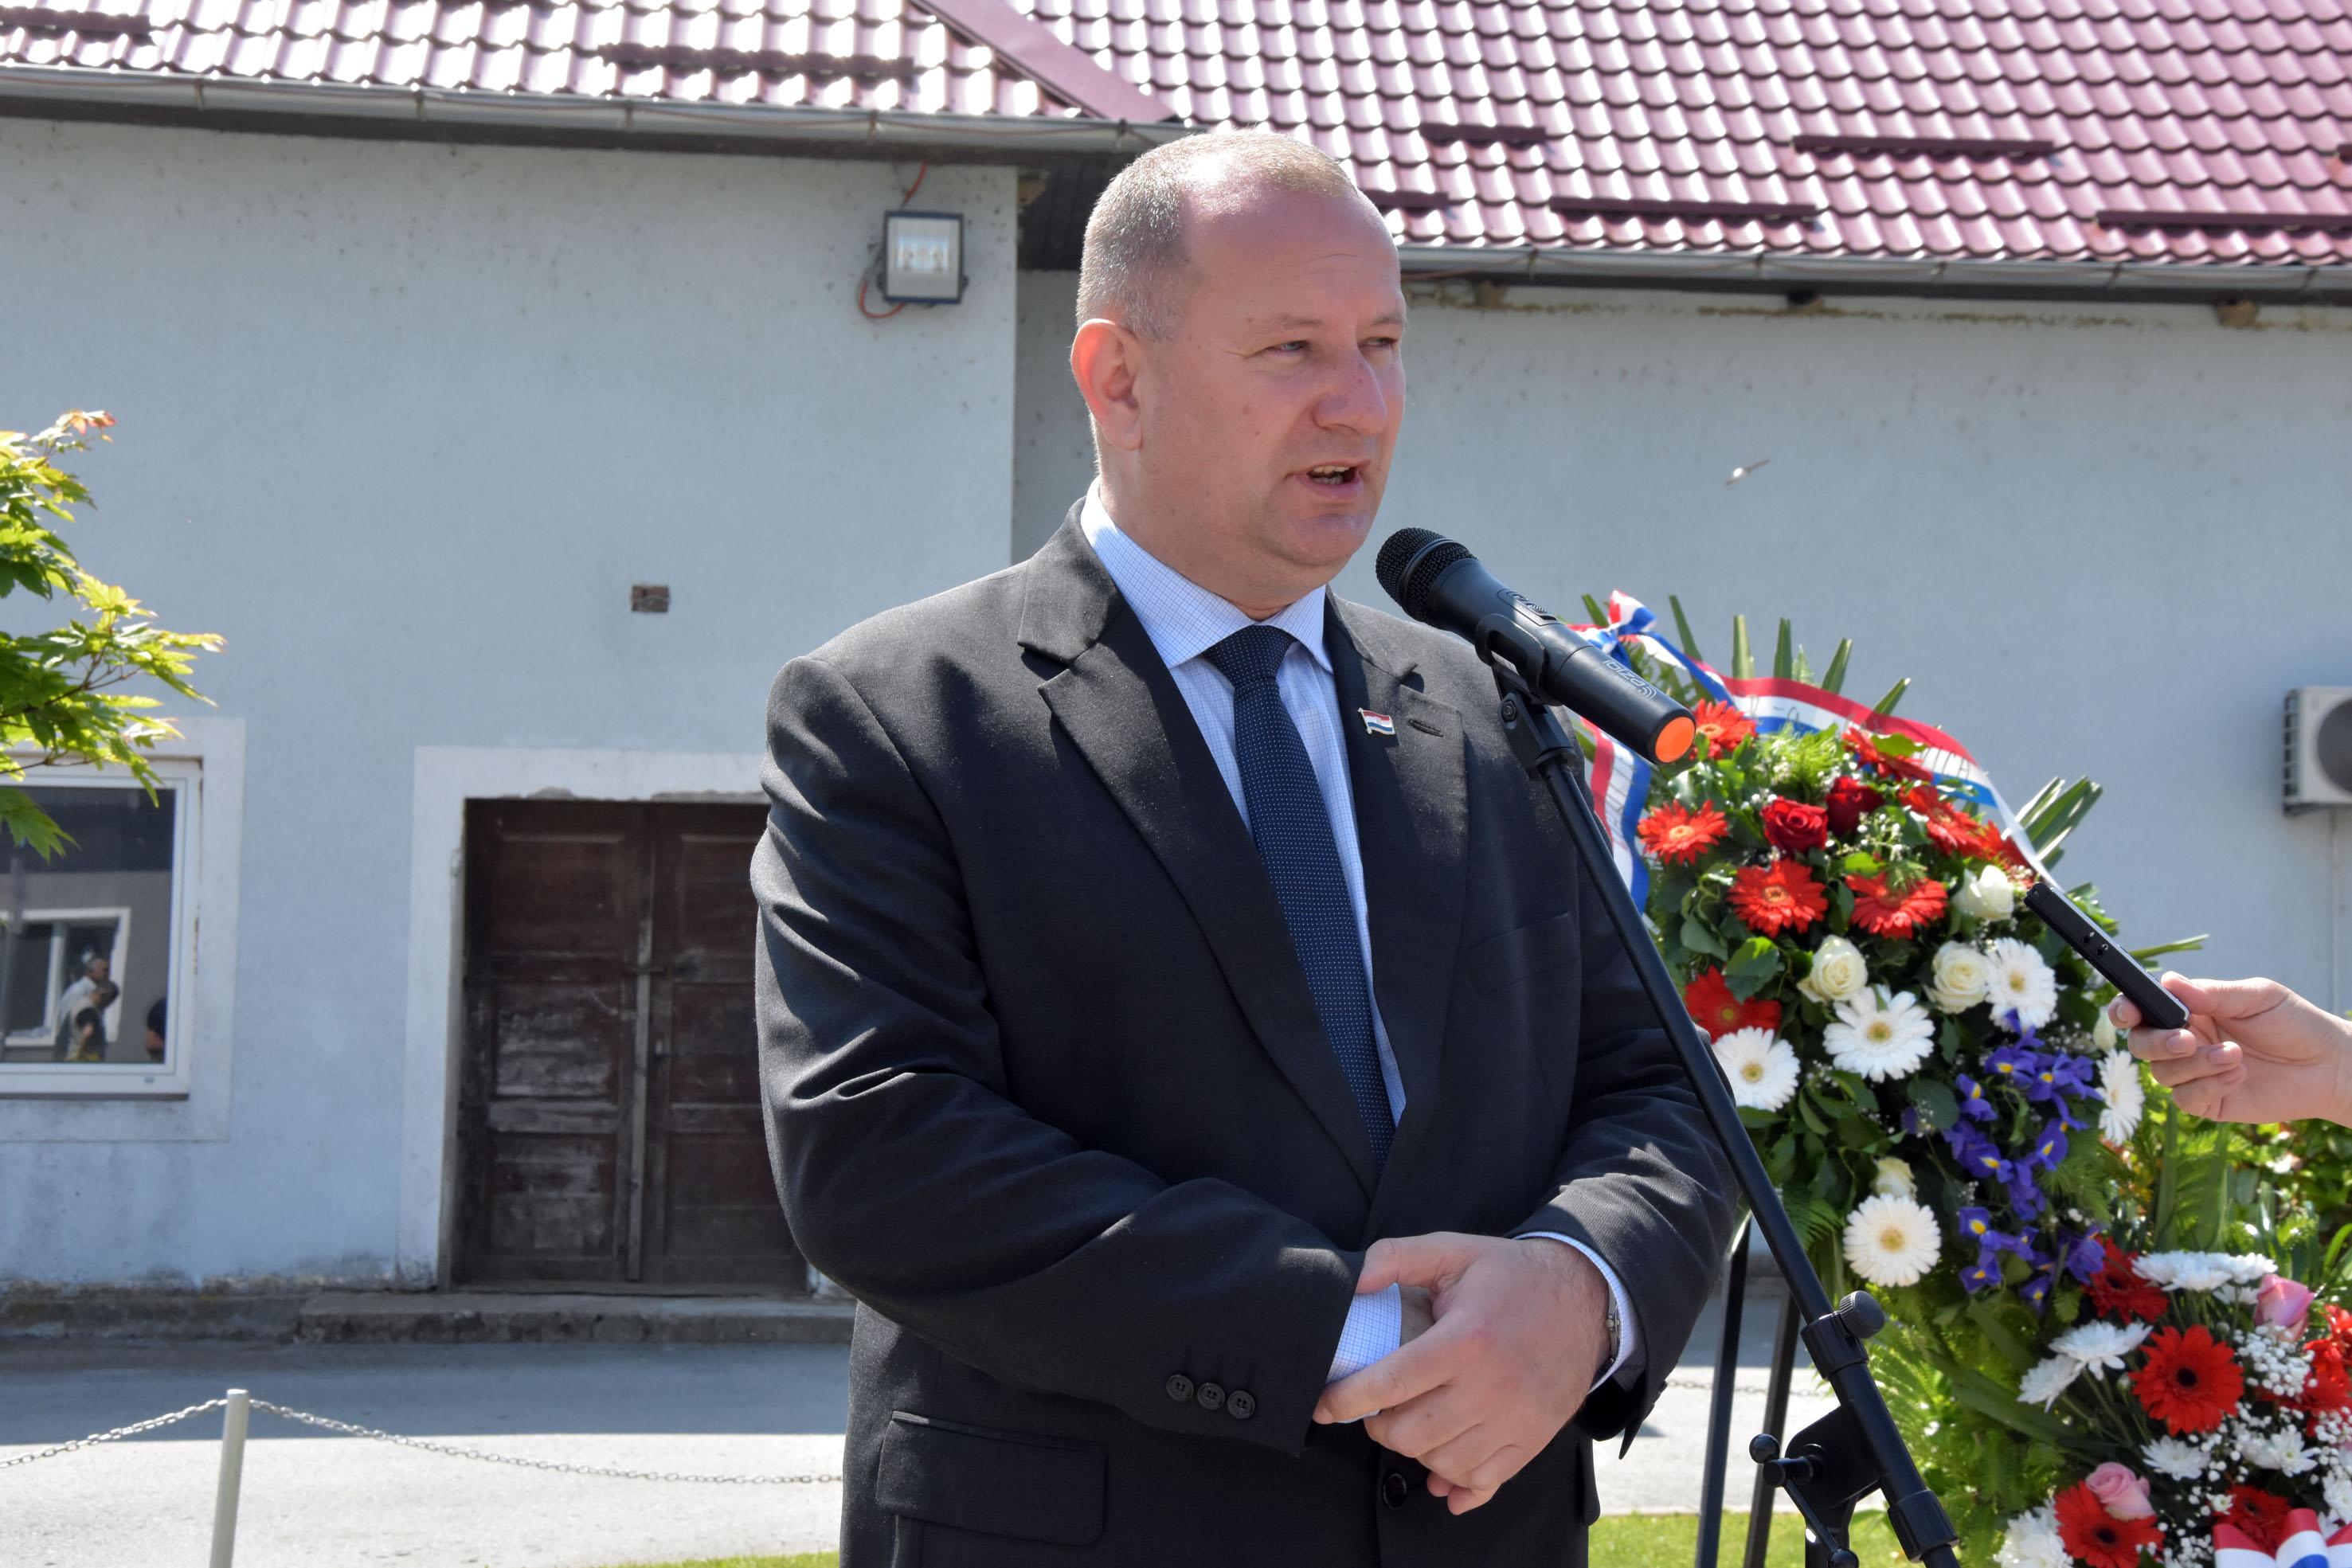 Održana je 26. obljetnica pogibije petorice hrvatskih branitelja: Miro, Vlado, Joso, Zdravko i Karlo žive vječno